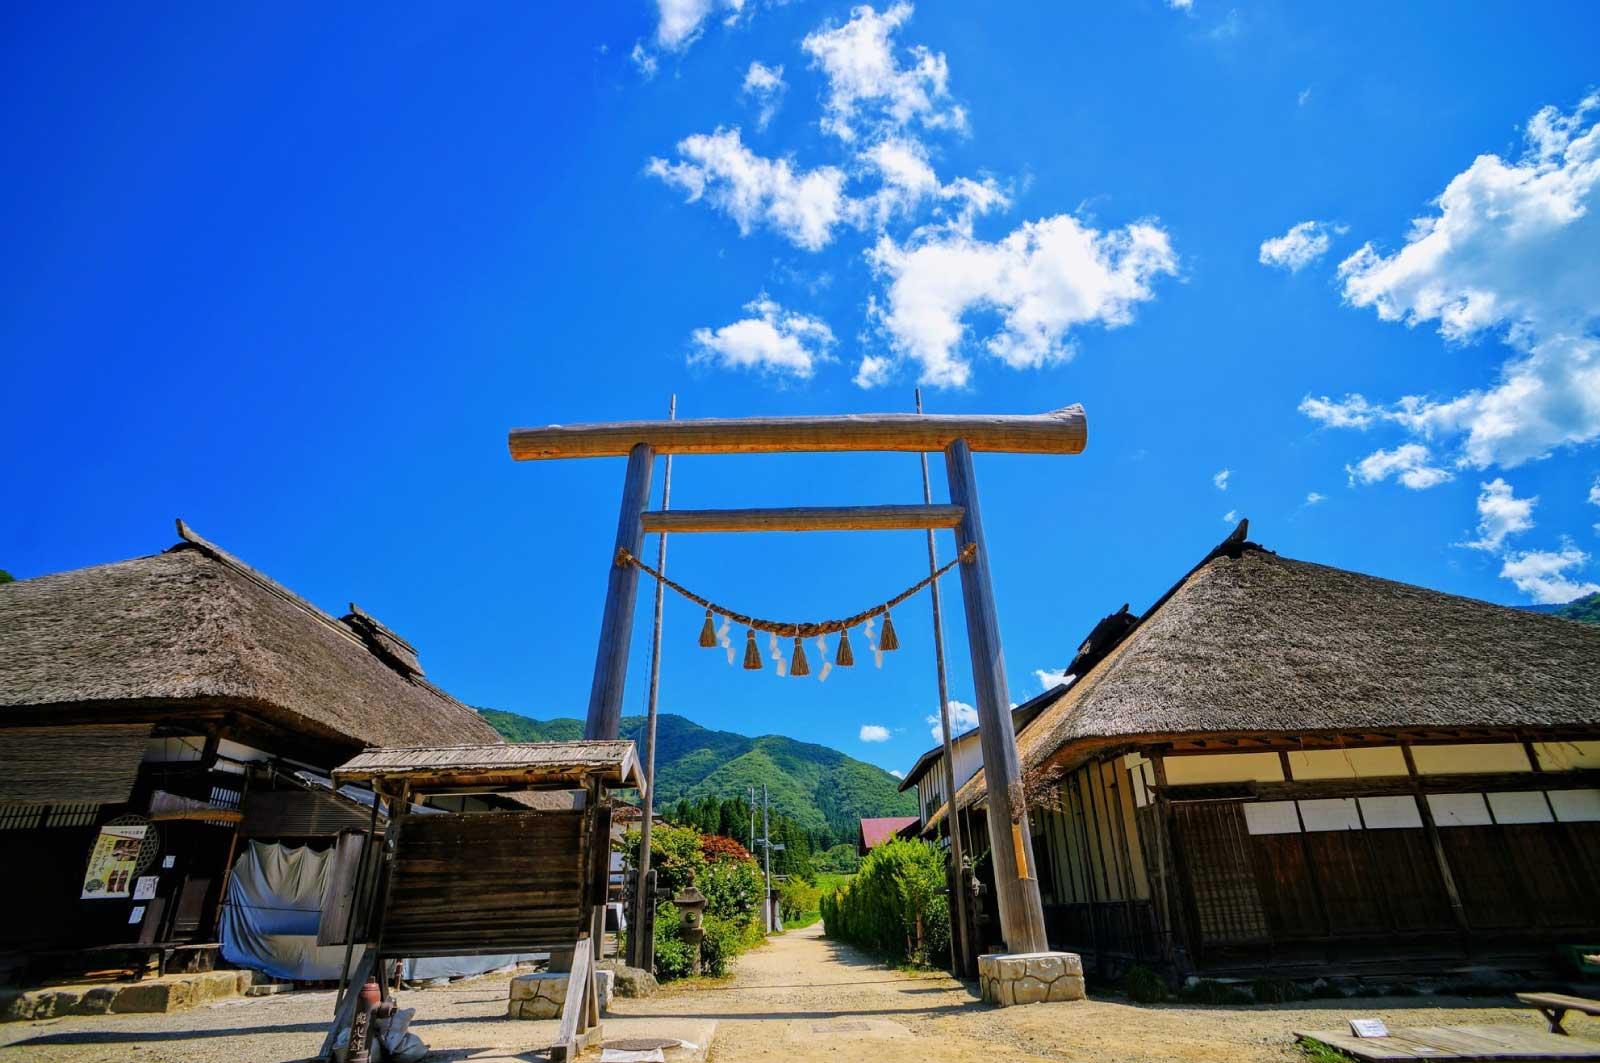 大内宿は江戸時代の会津西街道(下野街道)の宿場町の1つ